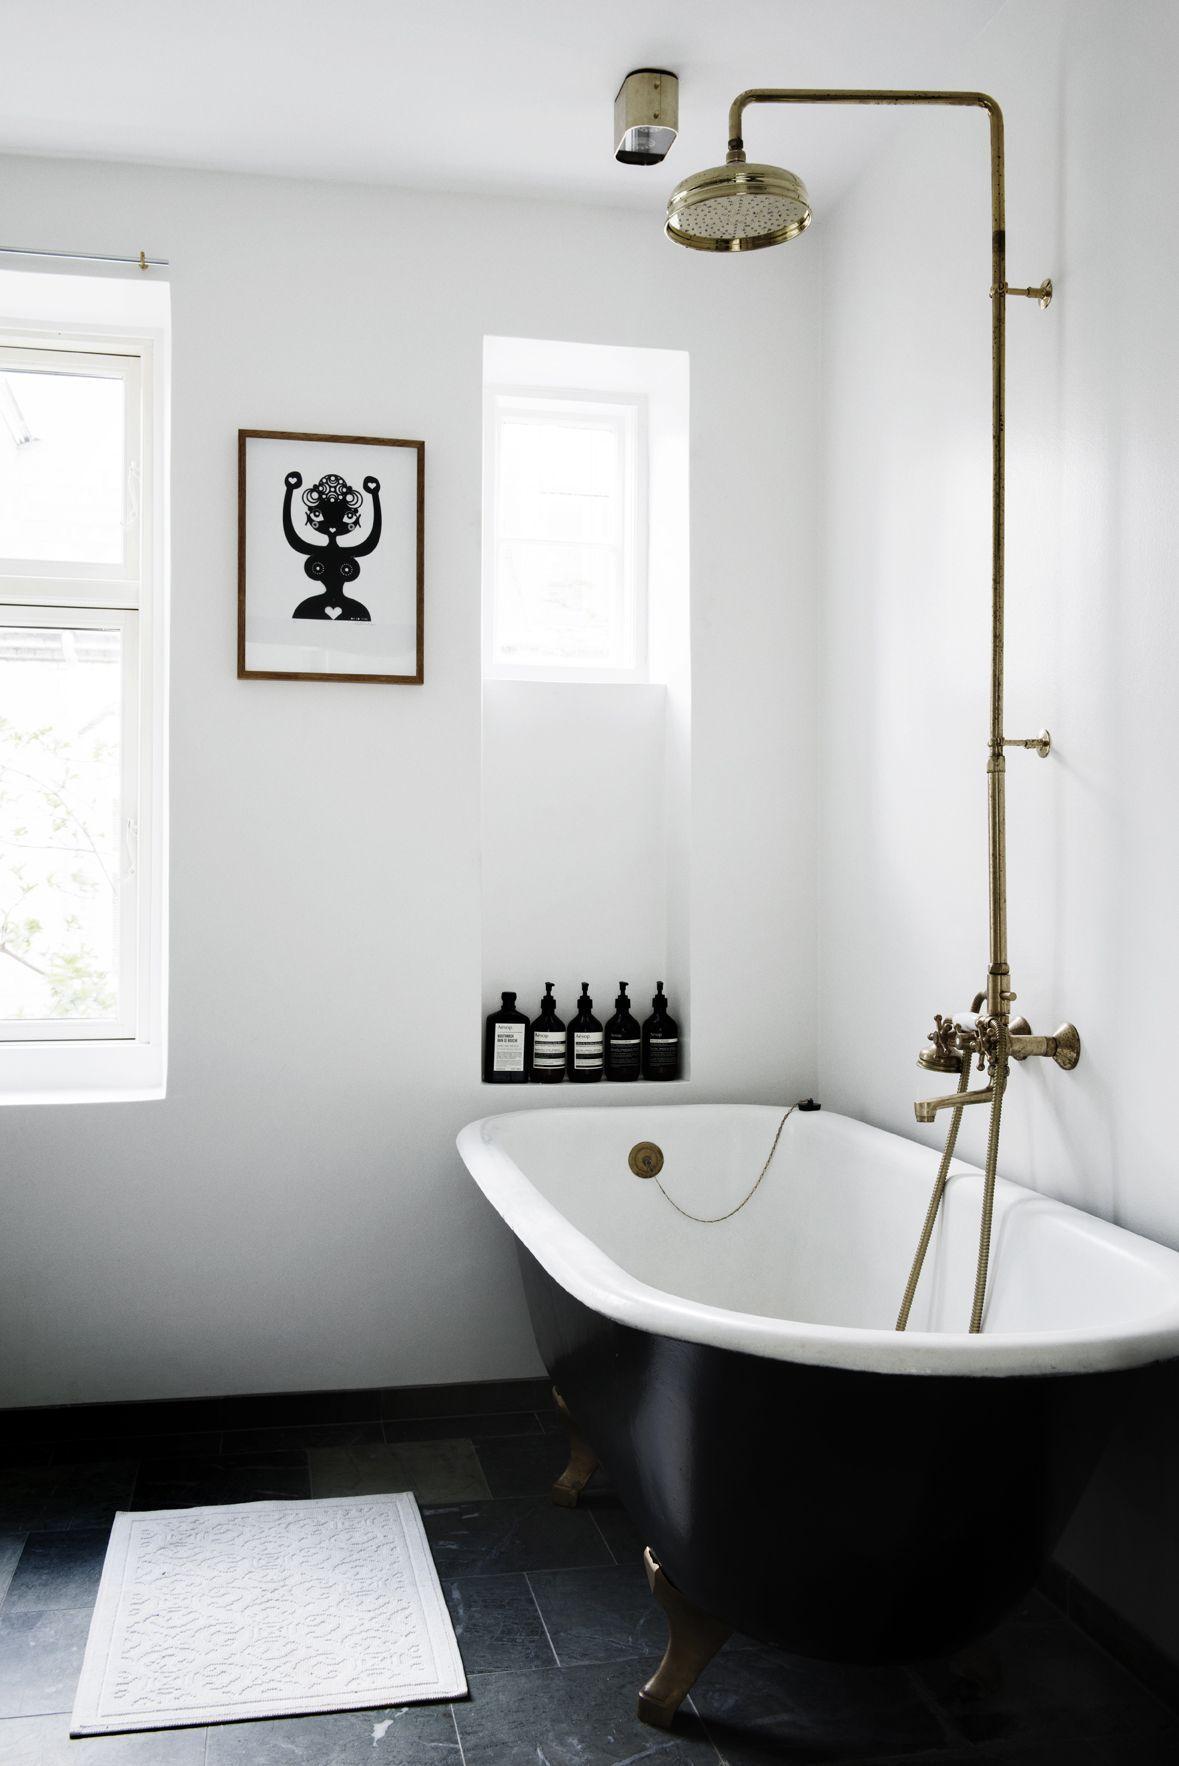 Pin Von Nicky Betz Auf Bathroom Inspiration Mit Bildern